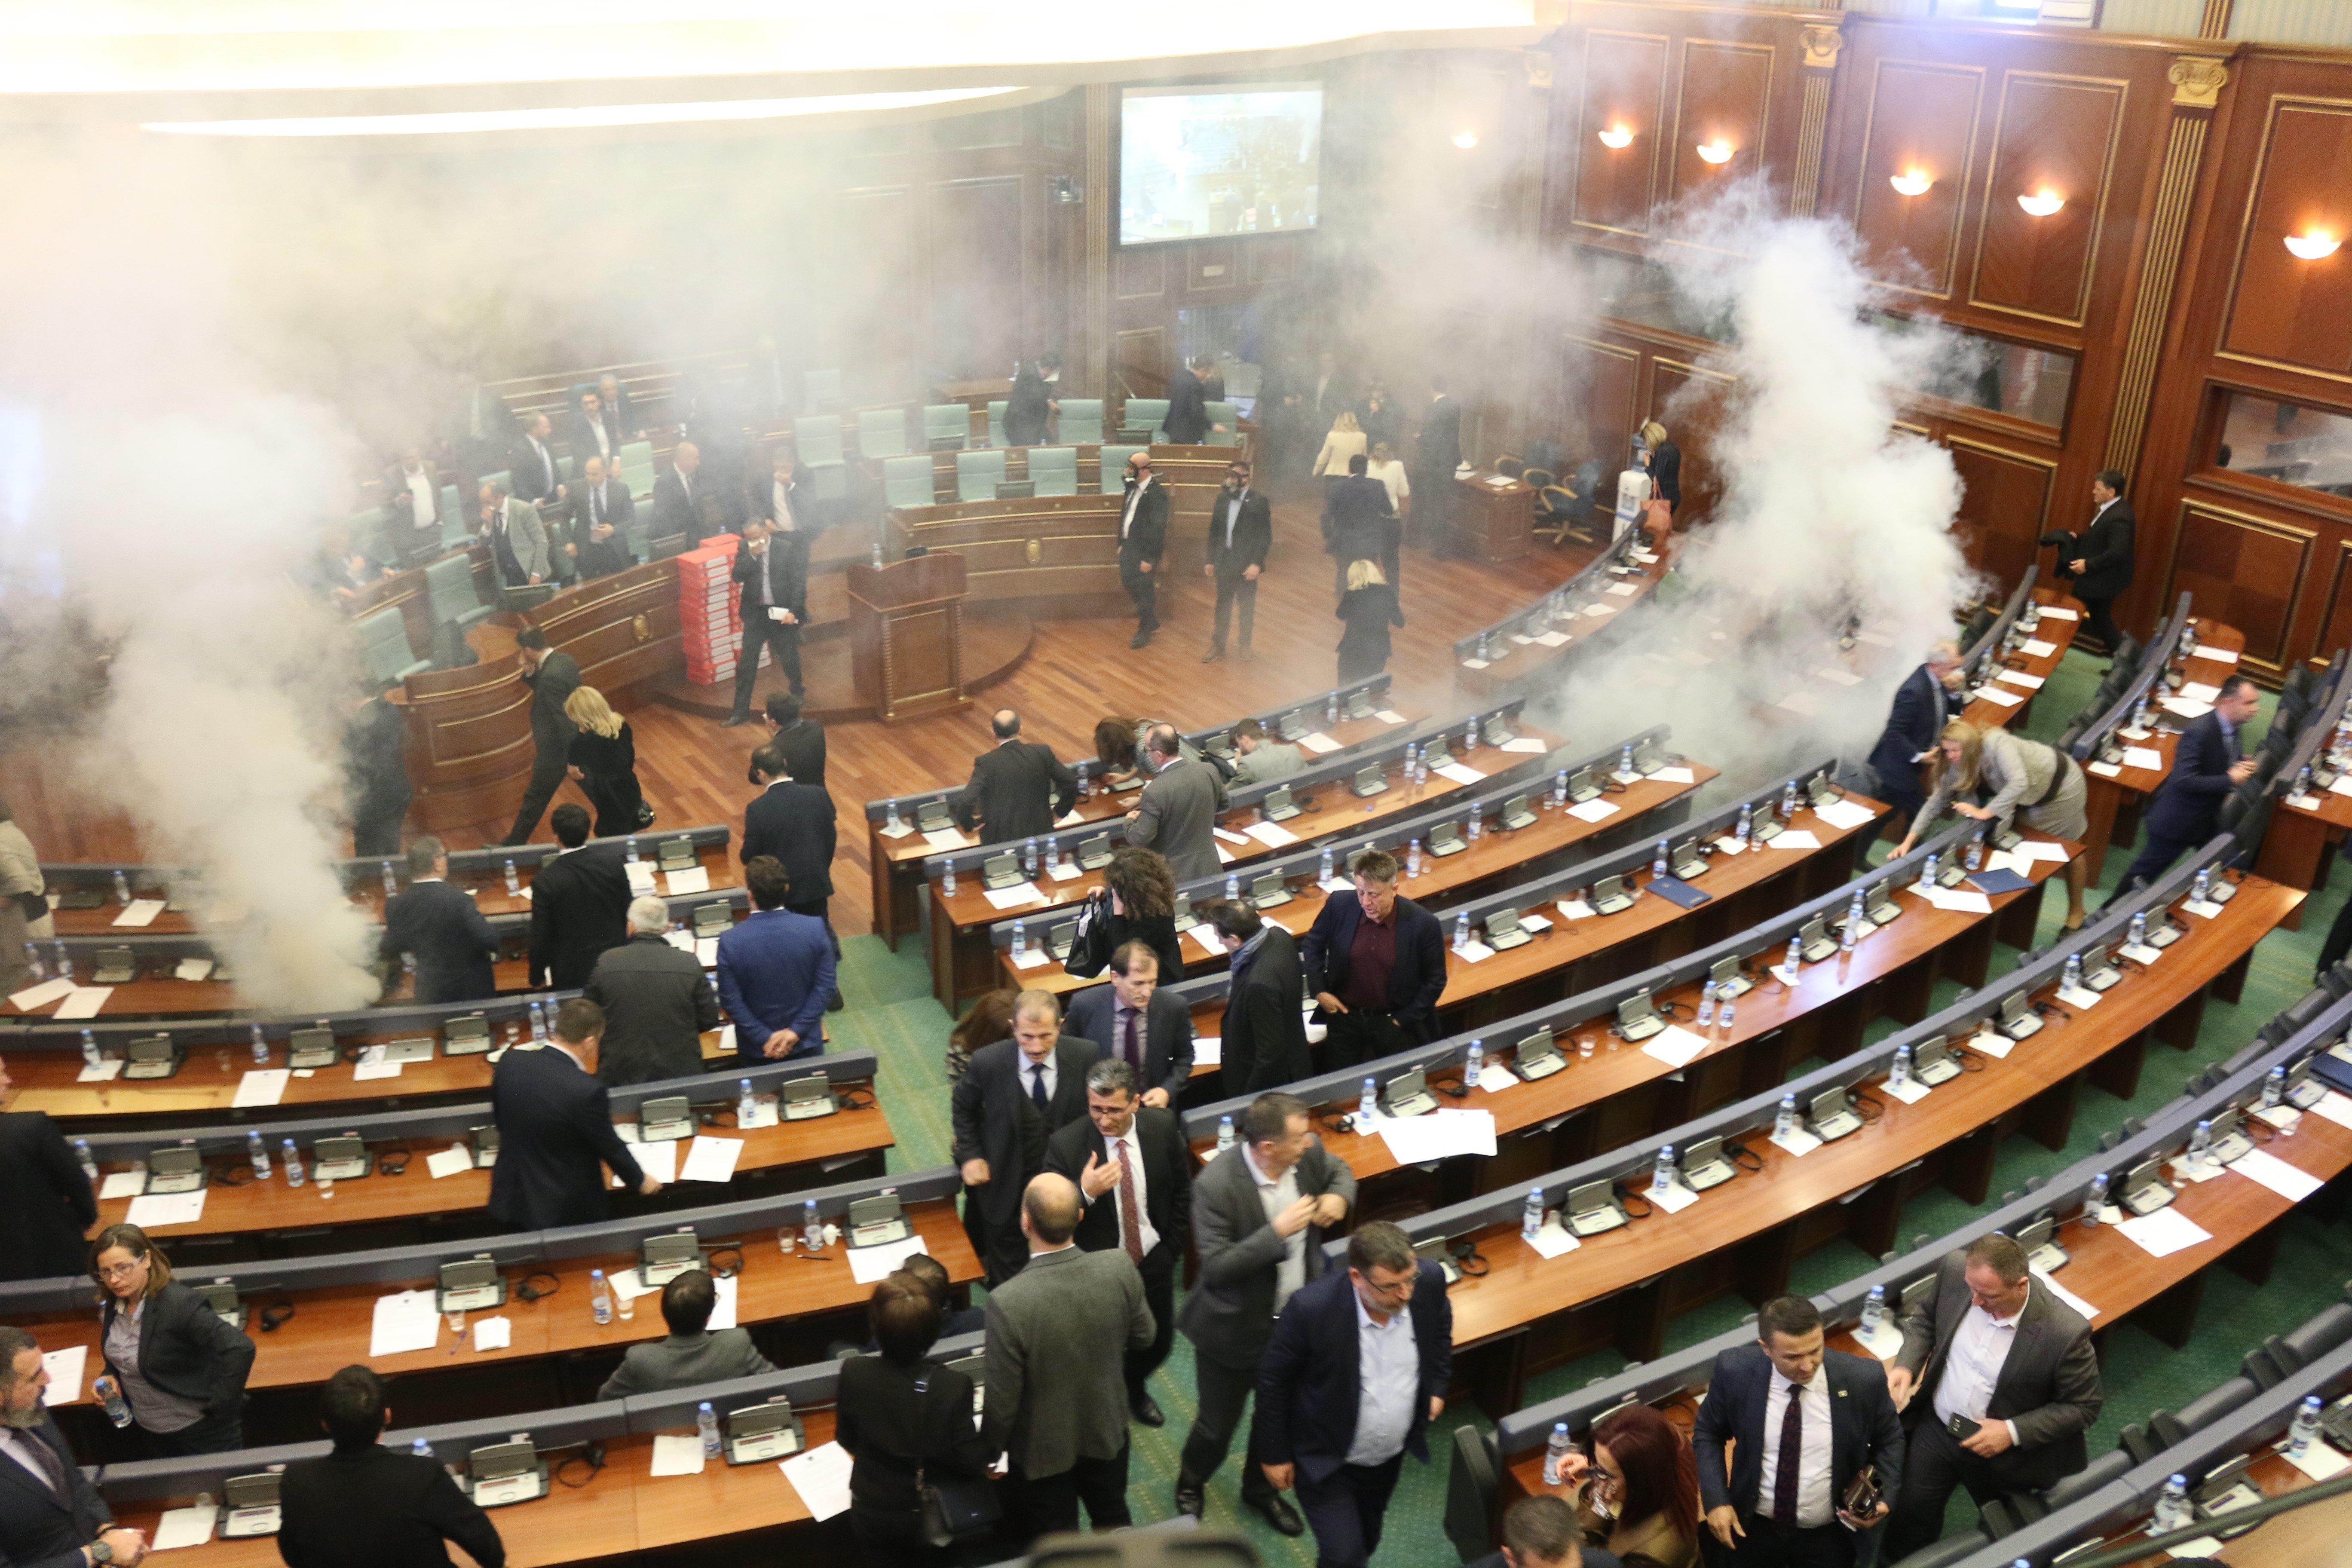 Κόσοβο: Αντιπολιτευόμενοι βουλευτές εκτόξευσαν δακρυγόνα μέσα στο κοινοβούλιο της